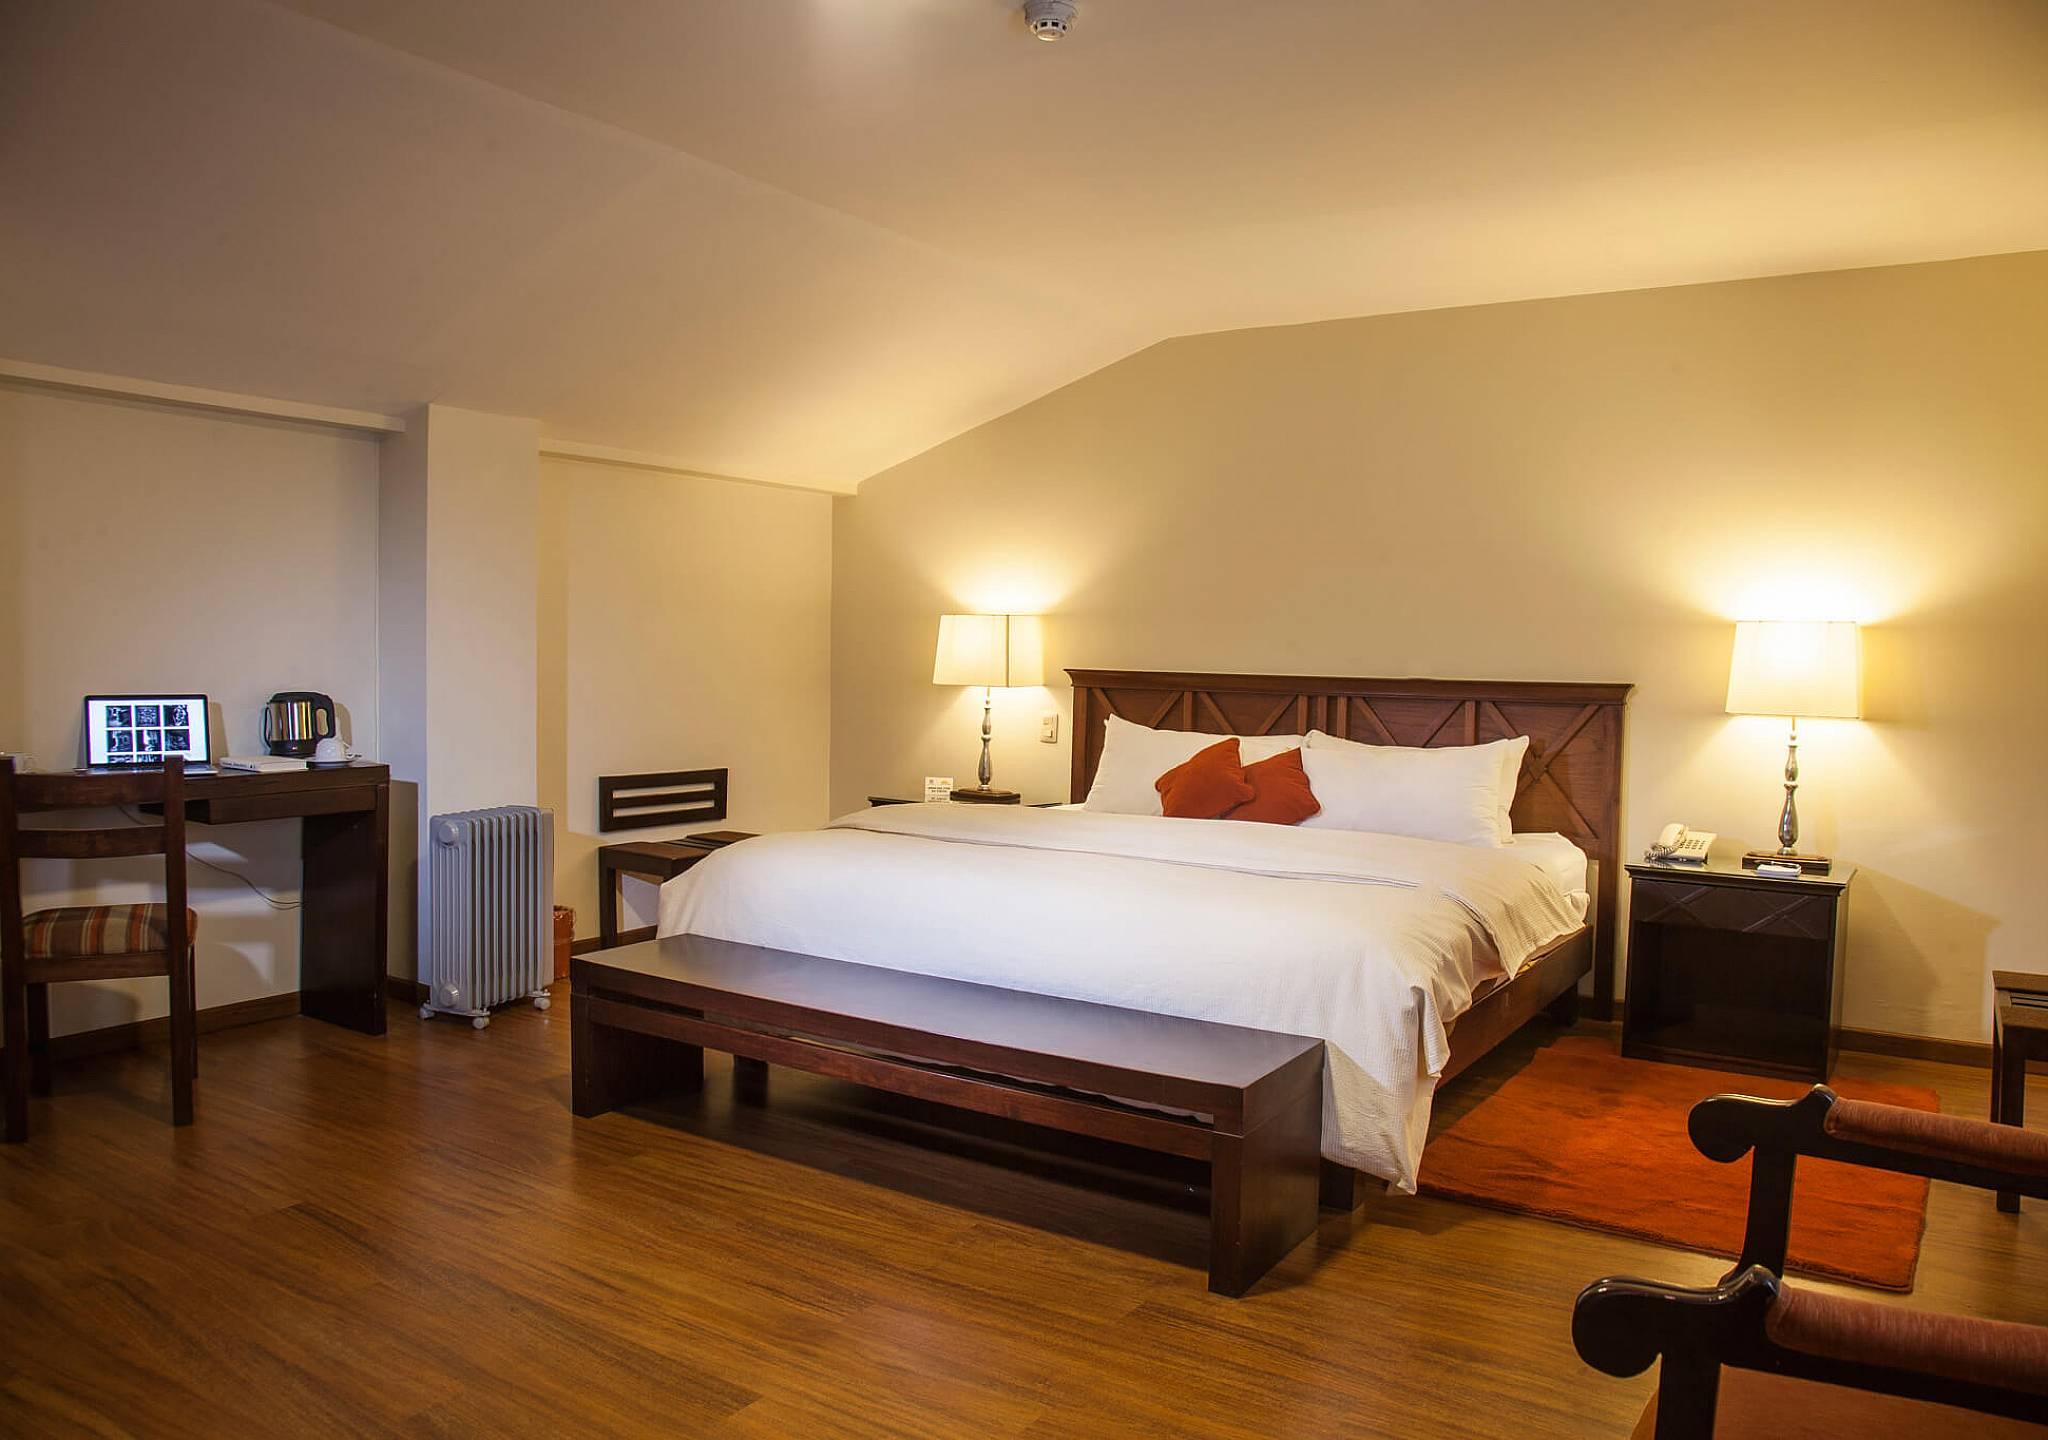 Welcome. Hotel San Agustín El Dorado